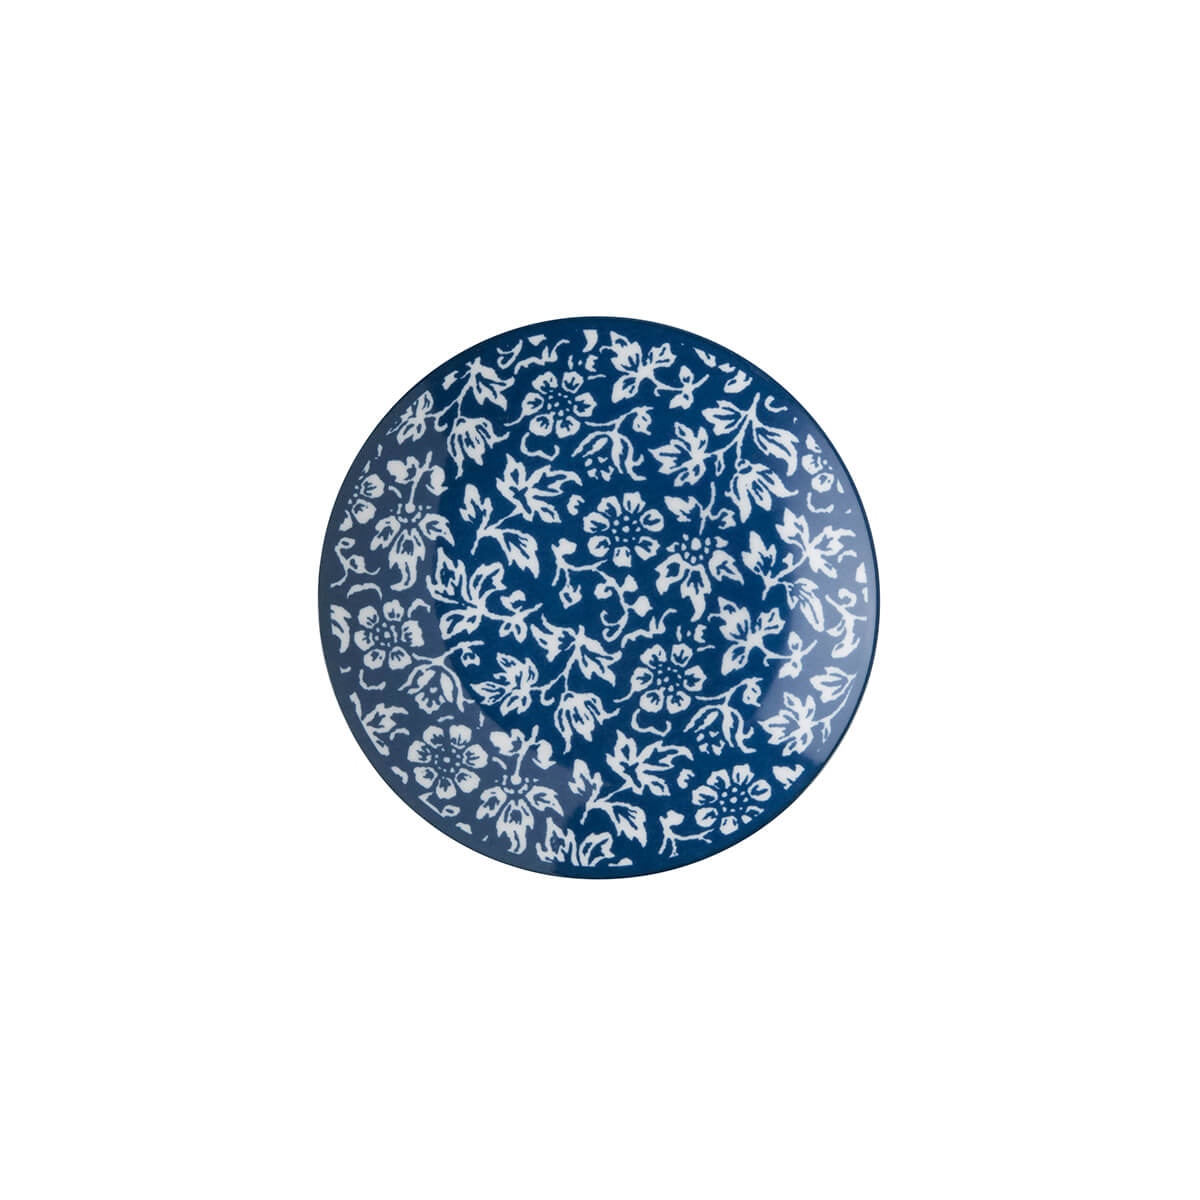 Онлайн каталог PROMENU: Тарелка маленькая фарфоровая Laura Ashley BLUEPRINT, 12 см, синий в мелкий цветок                               178273